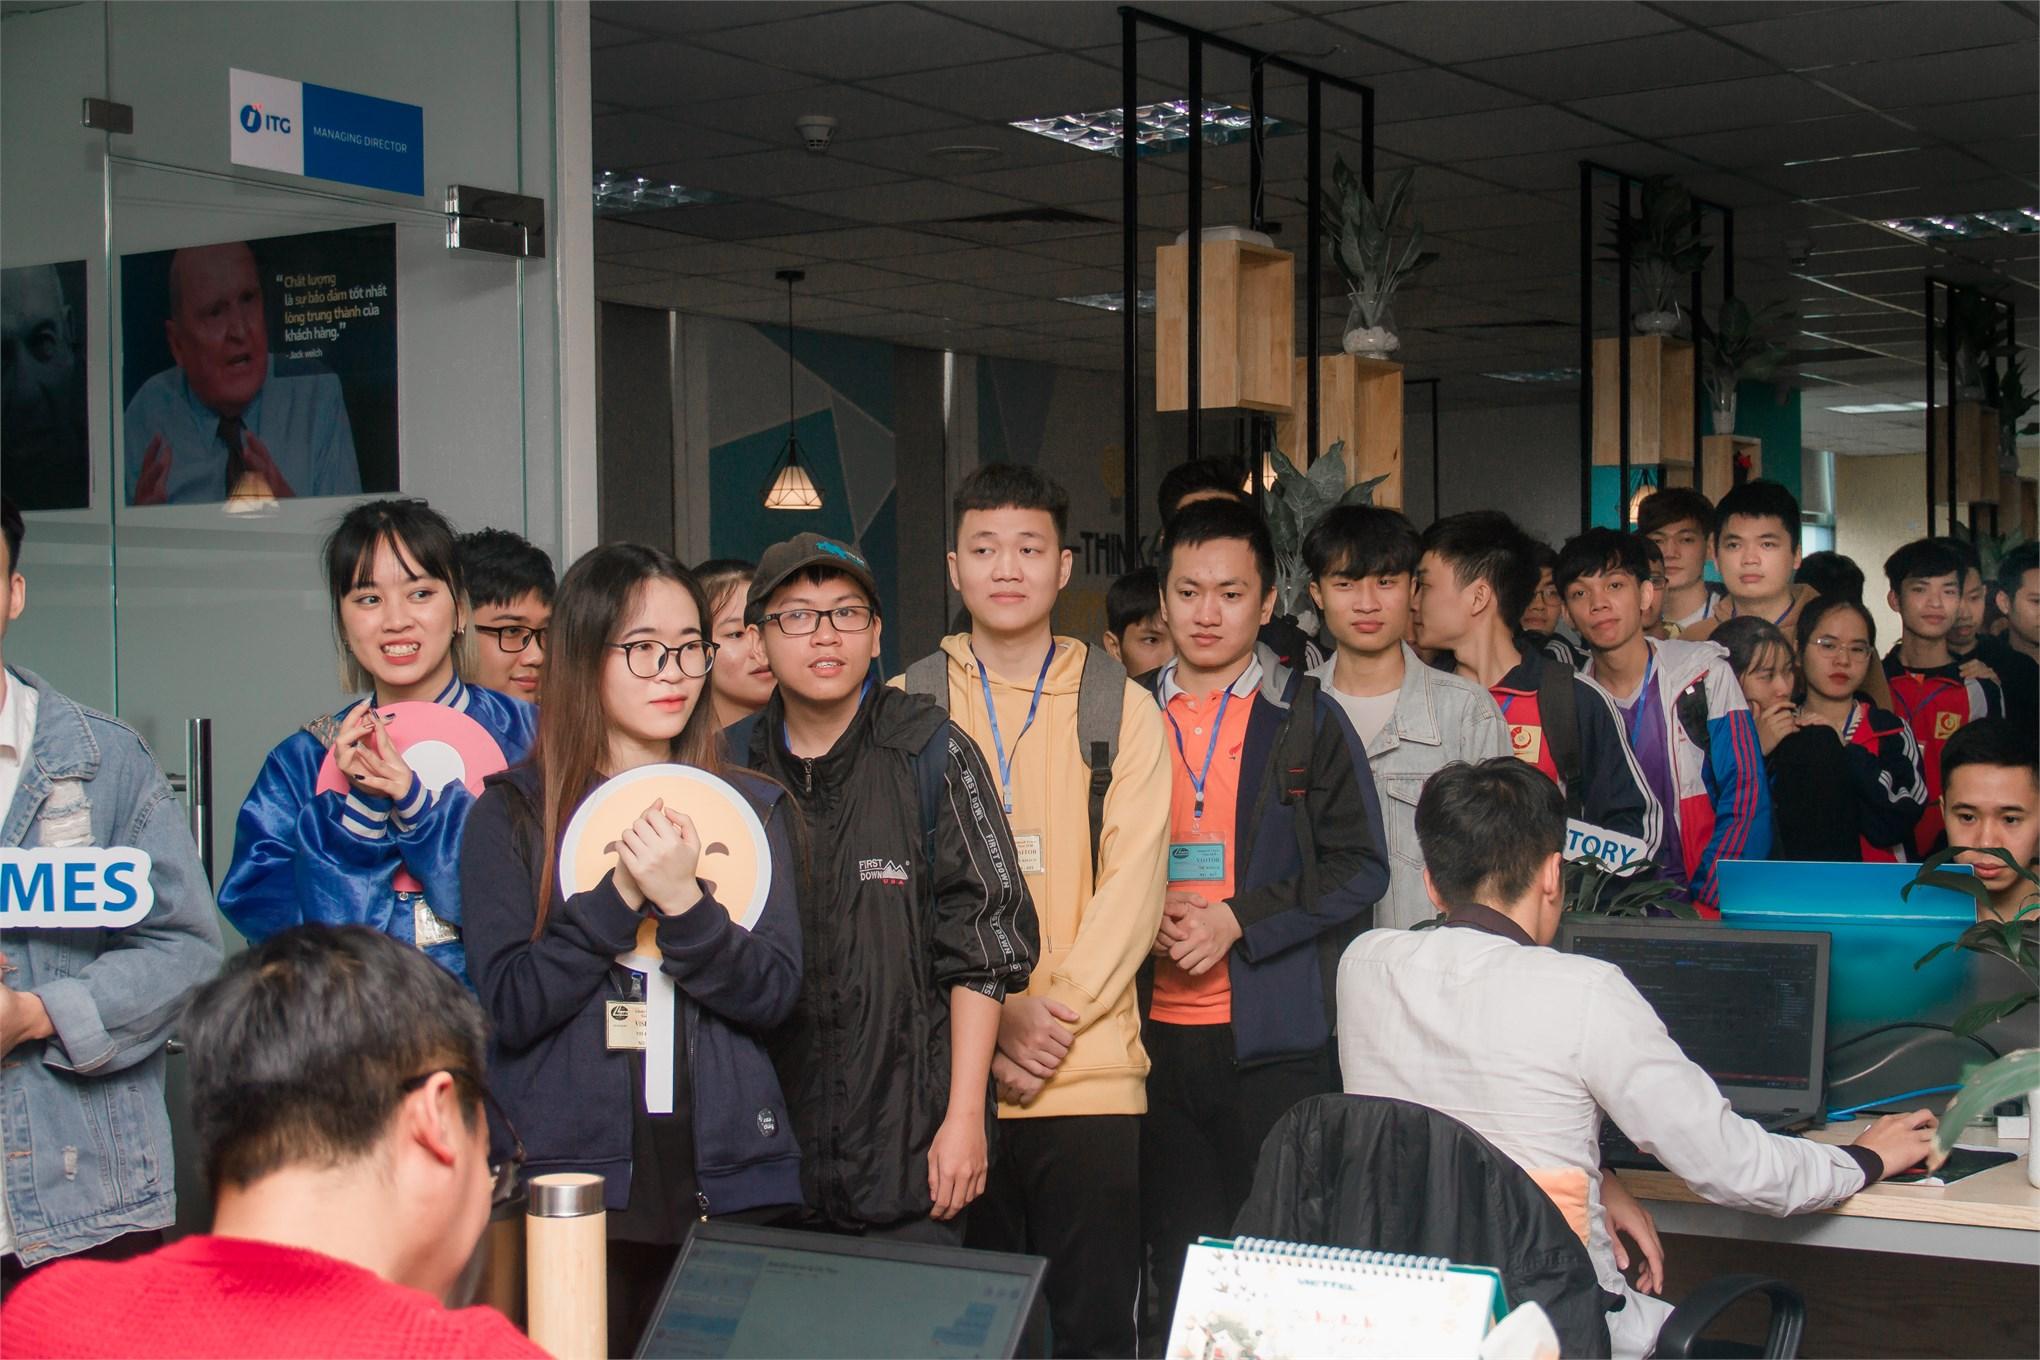 Trải nghiệm môi trường làm việc ITG cùng các bạn sinh viên ĐH Công nghiệp Hà Nội